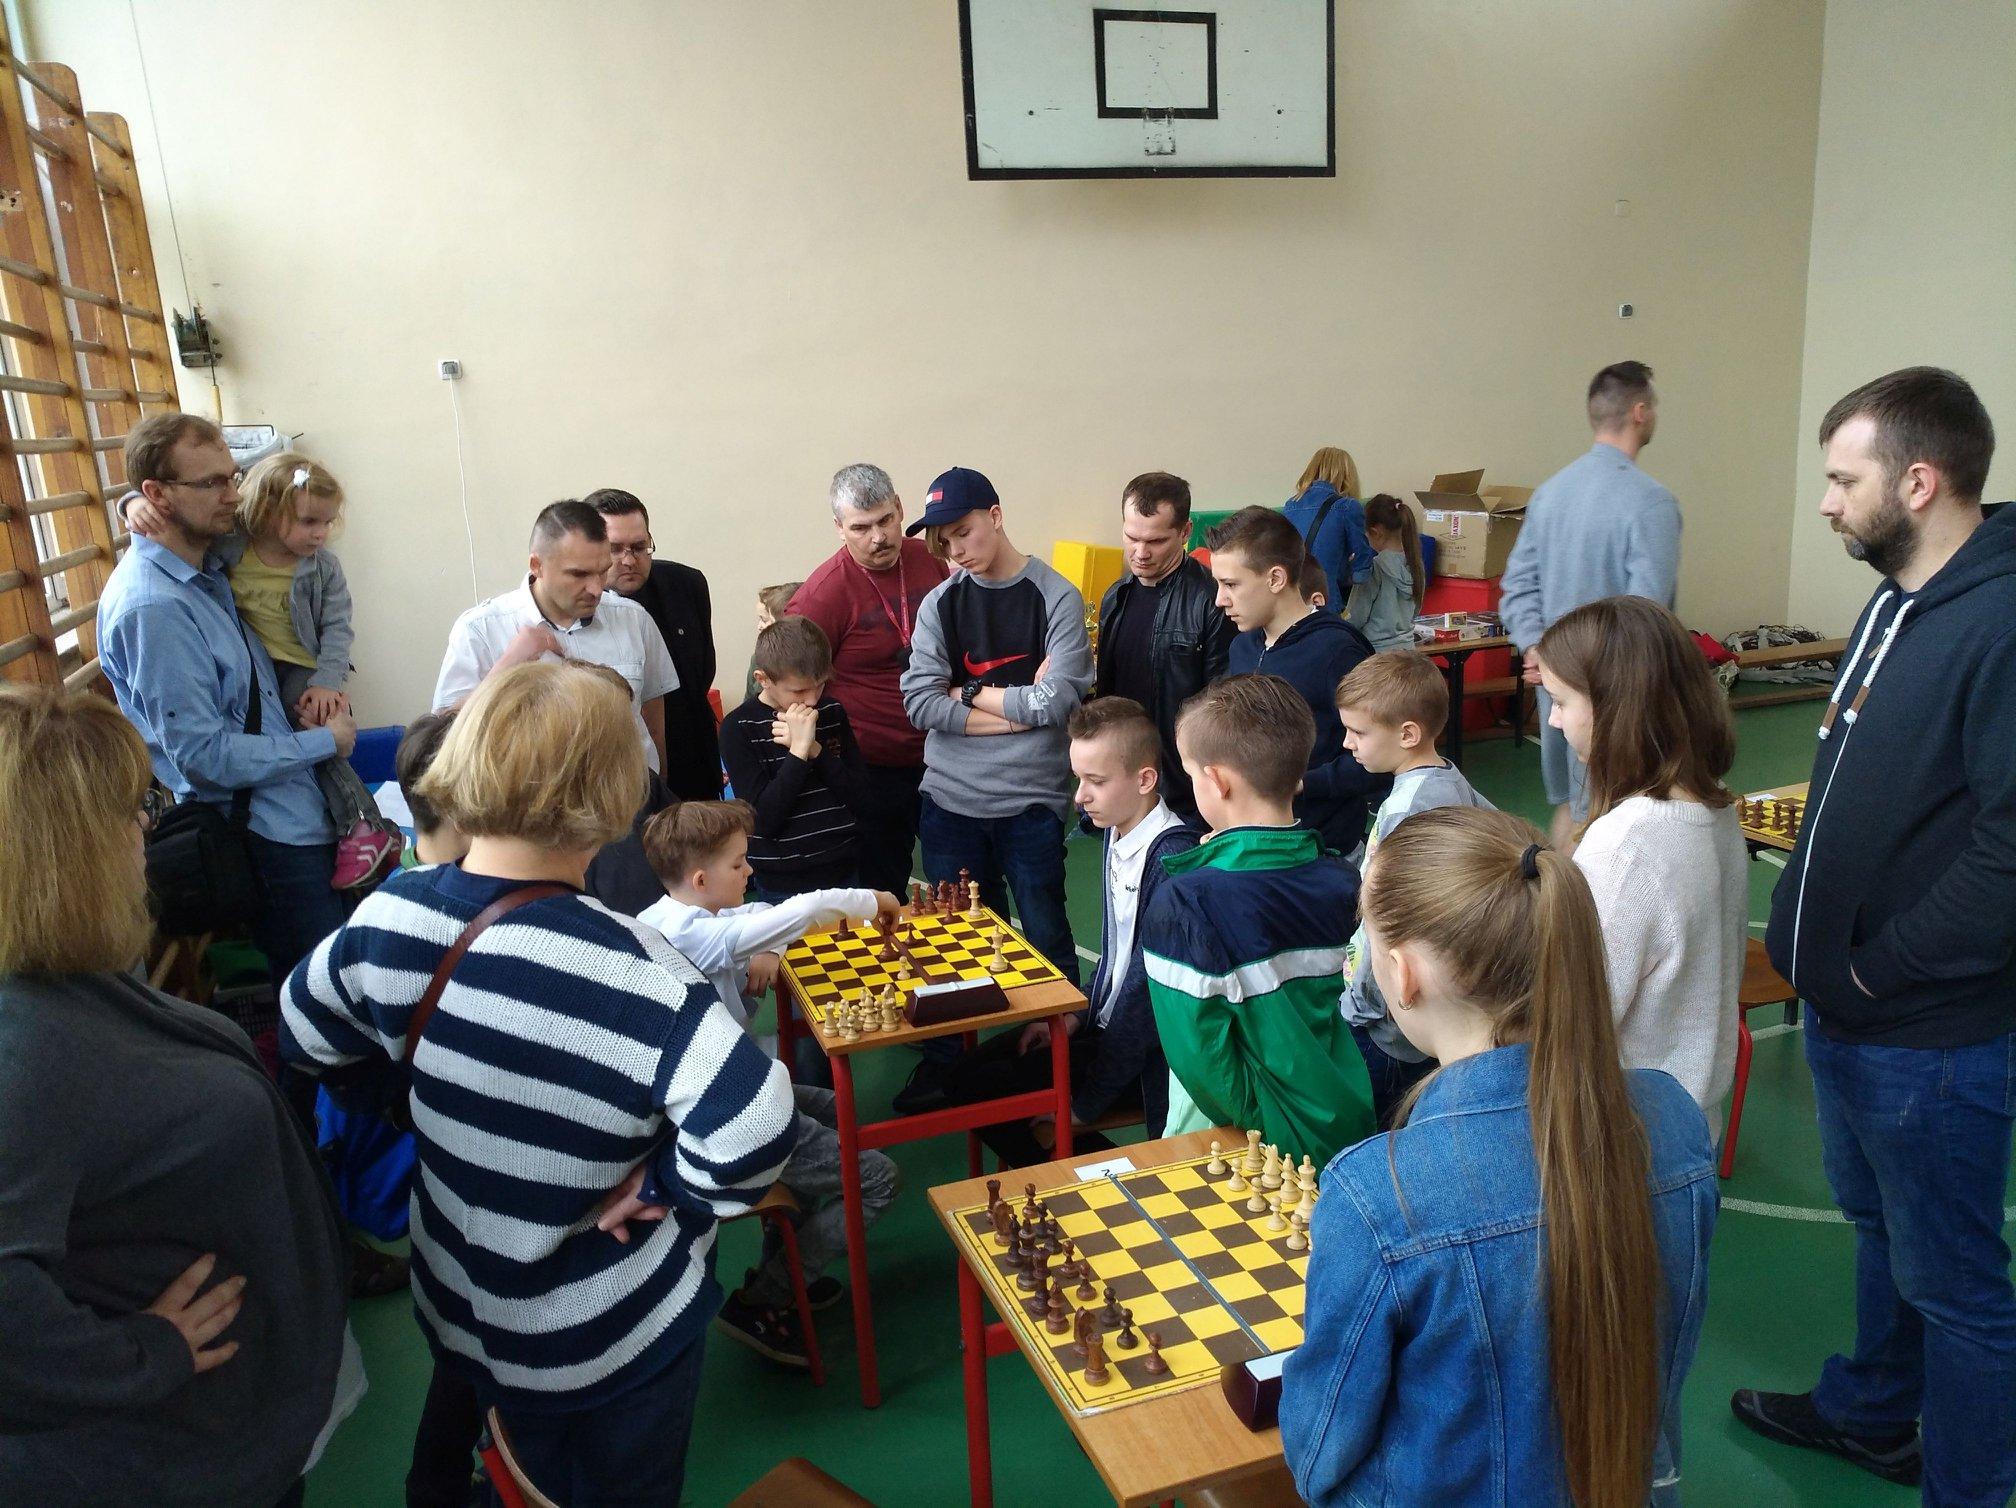 VII Turniej o Nagrodę Mądrej Sowy - zawodnicy i kibice obserwują zacięty pojedynek na pierwszej szachownicy, zmagania szachowe w Gryficach